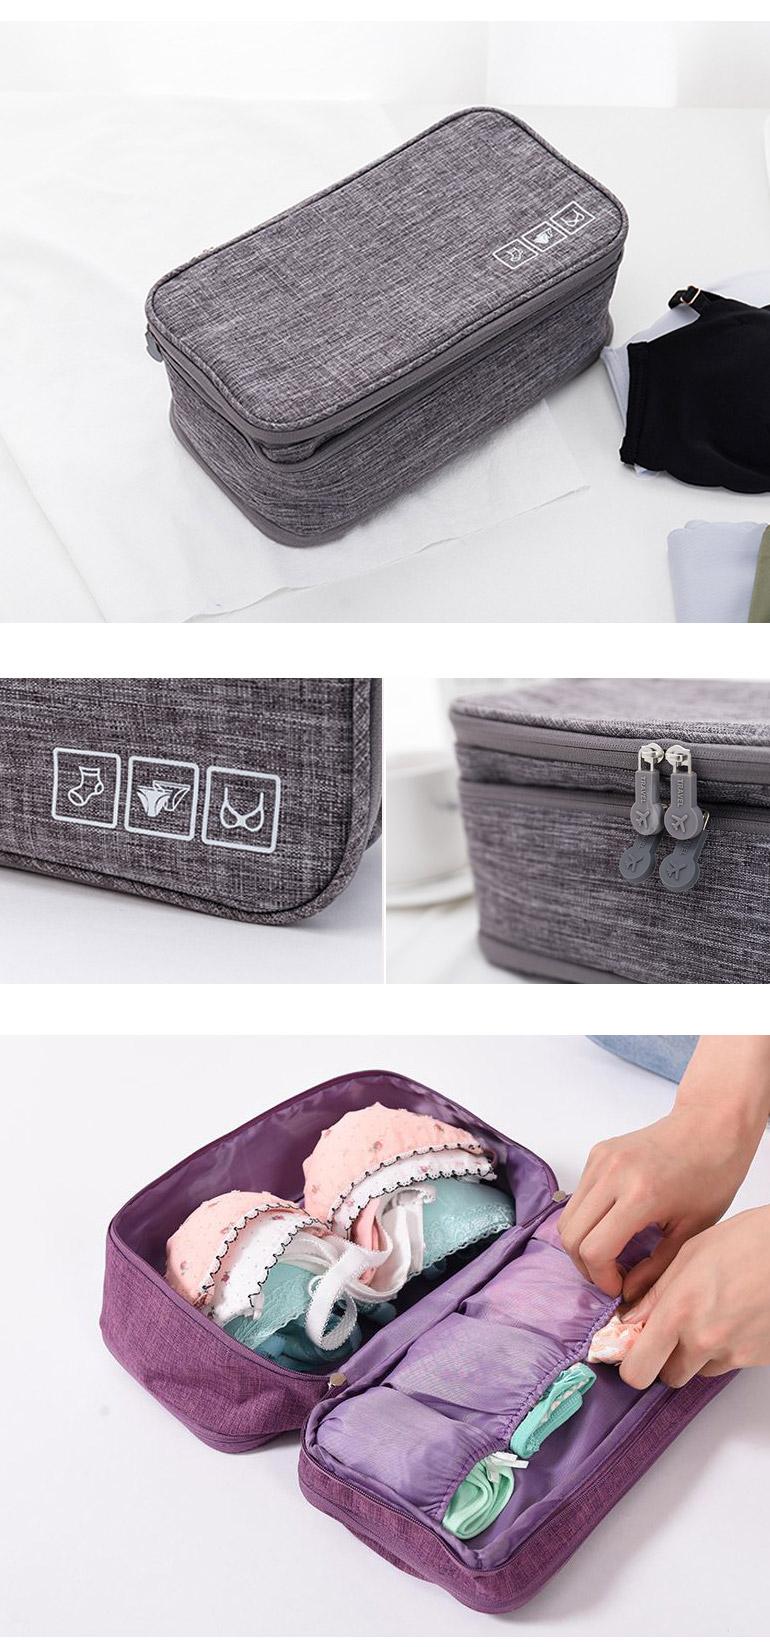 여행용 속옷 언더웨어 파우치 - 세일덕, 8,800원, 트래블팩단품, 속옷/시크릿 파우치